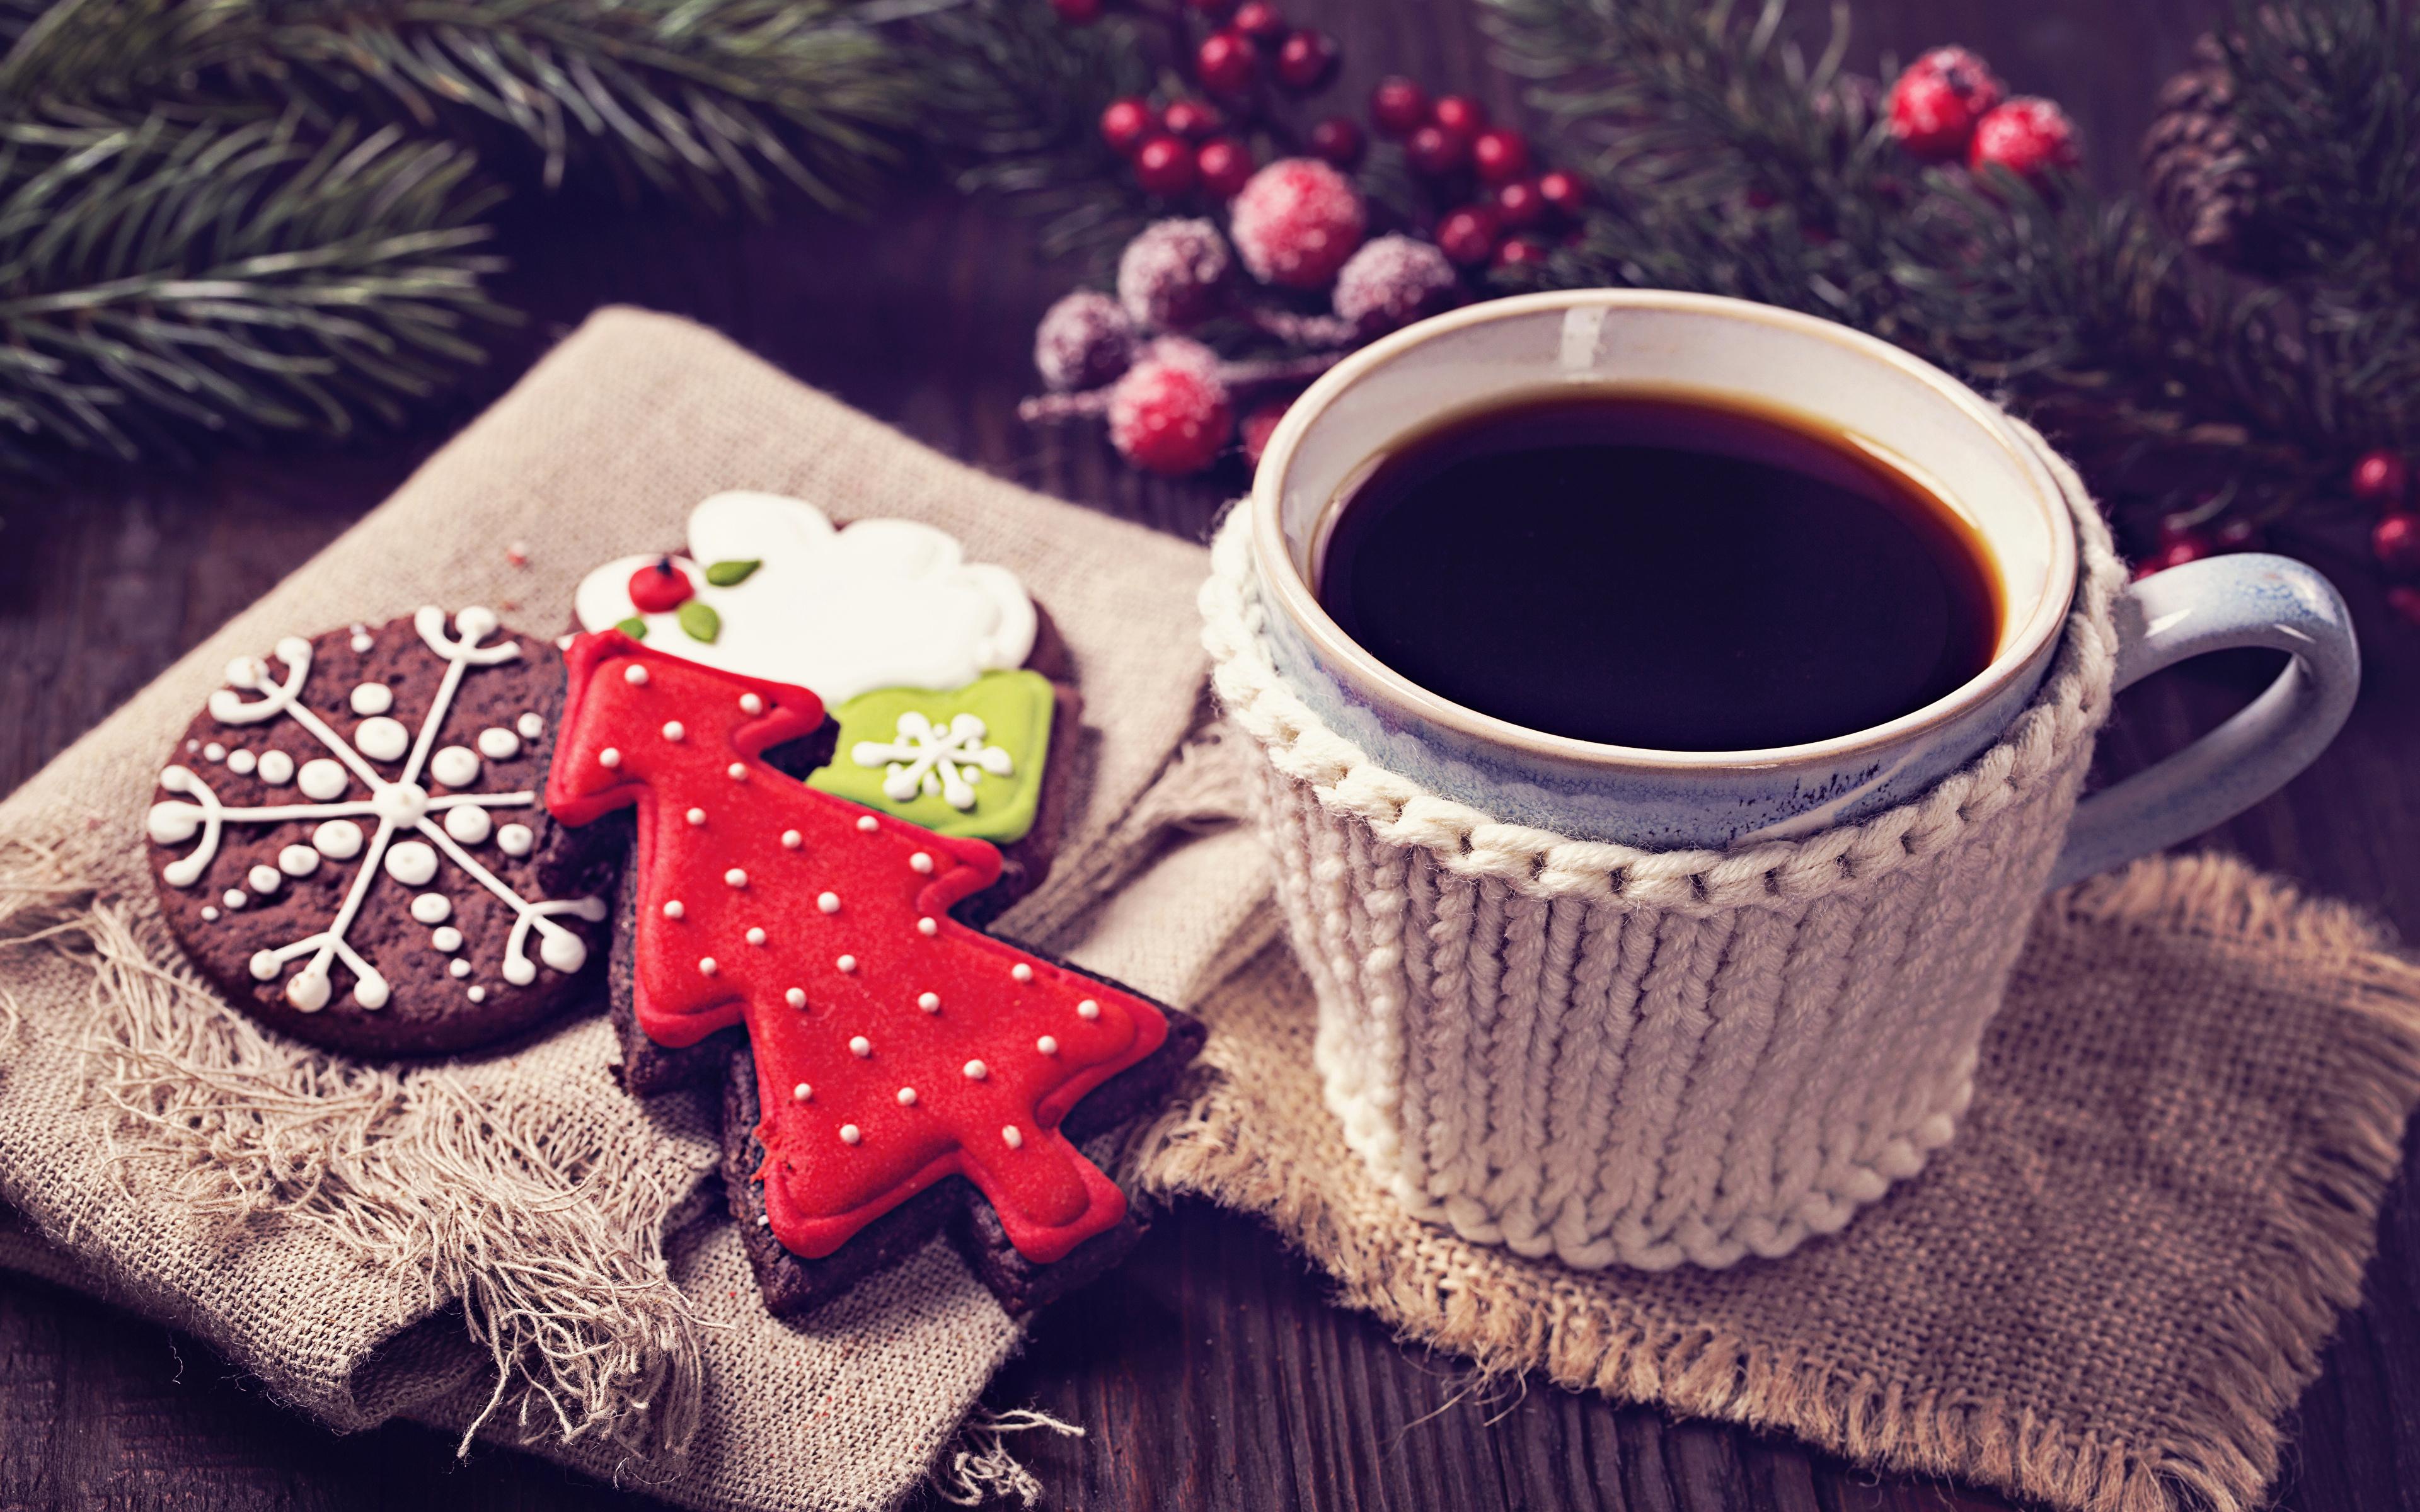 Christmas Coffee Wallpaper Hd 3840x2400 Wallpaper Teahub Io